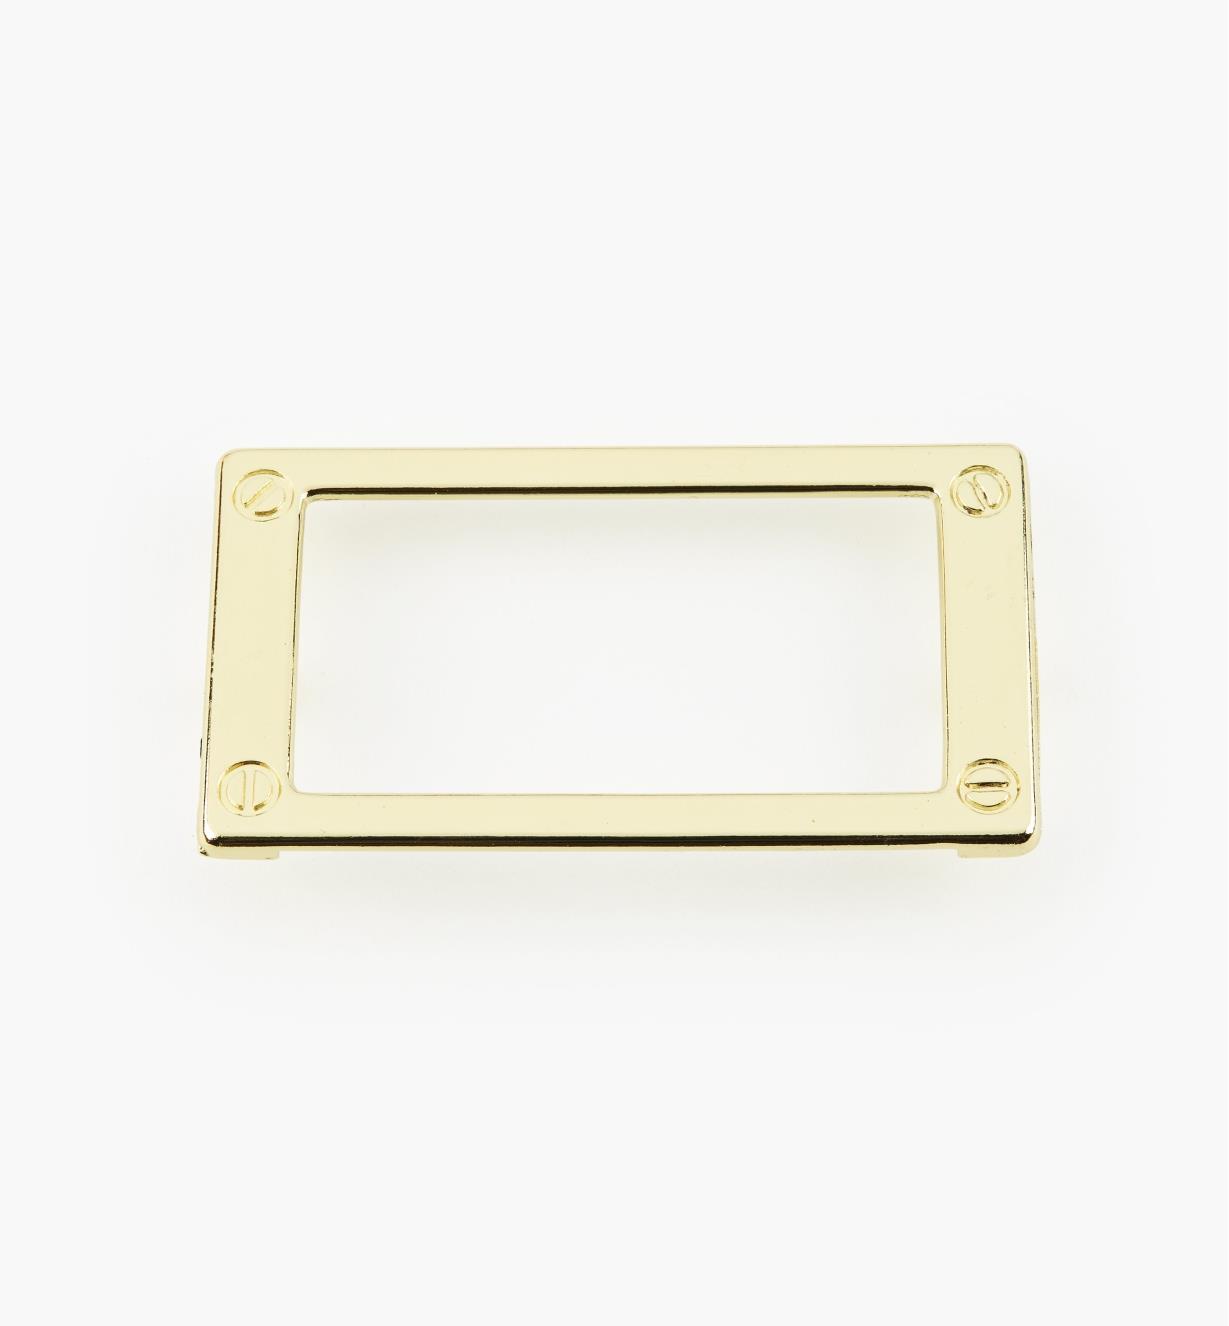 01W3510 - Porte-étiquette en zinc coulé, plaqué laiton, 79 mm